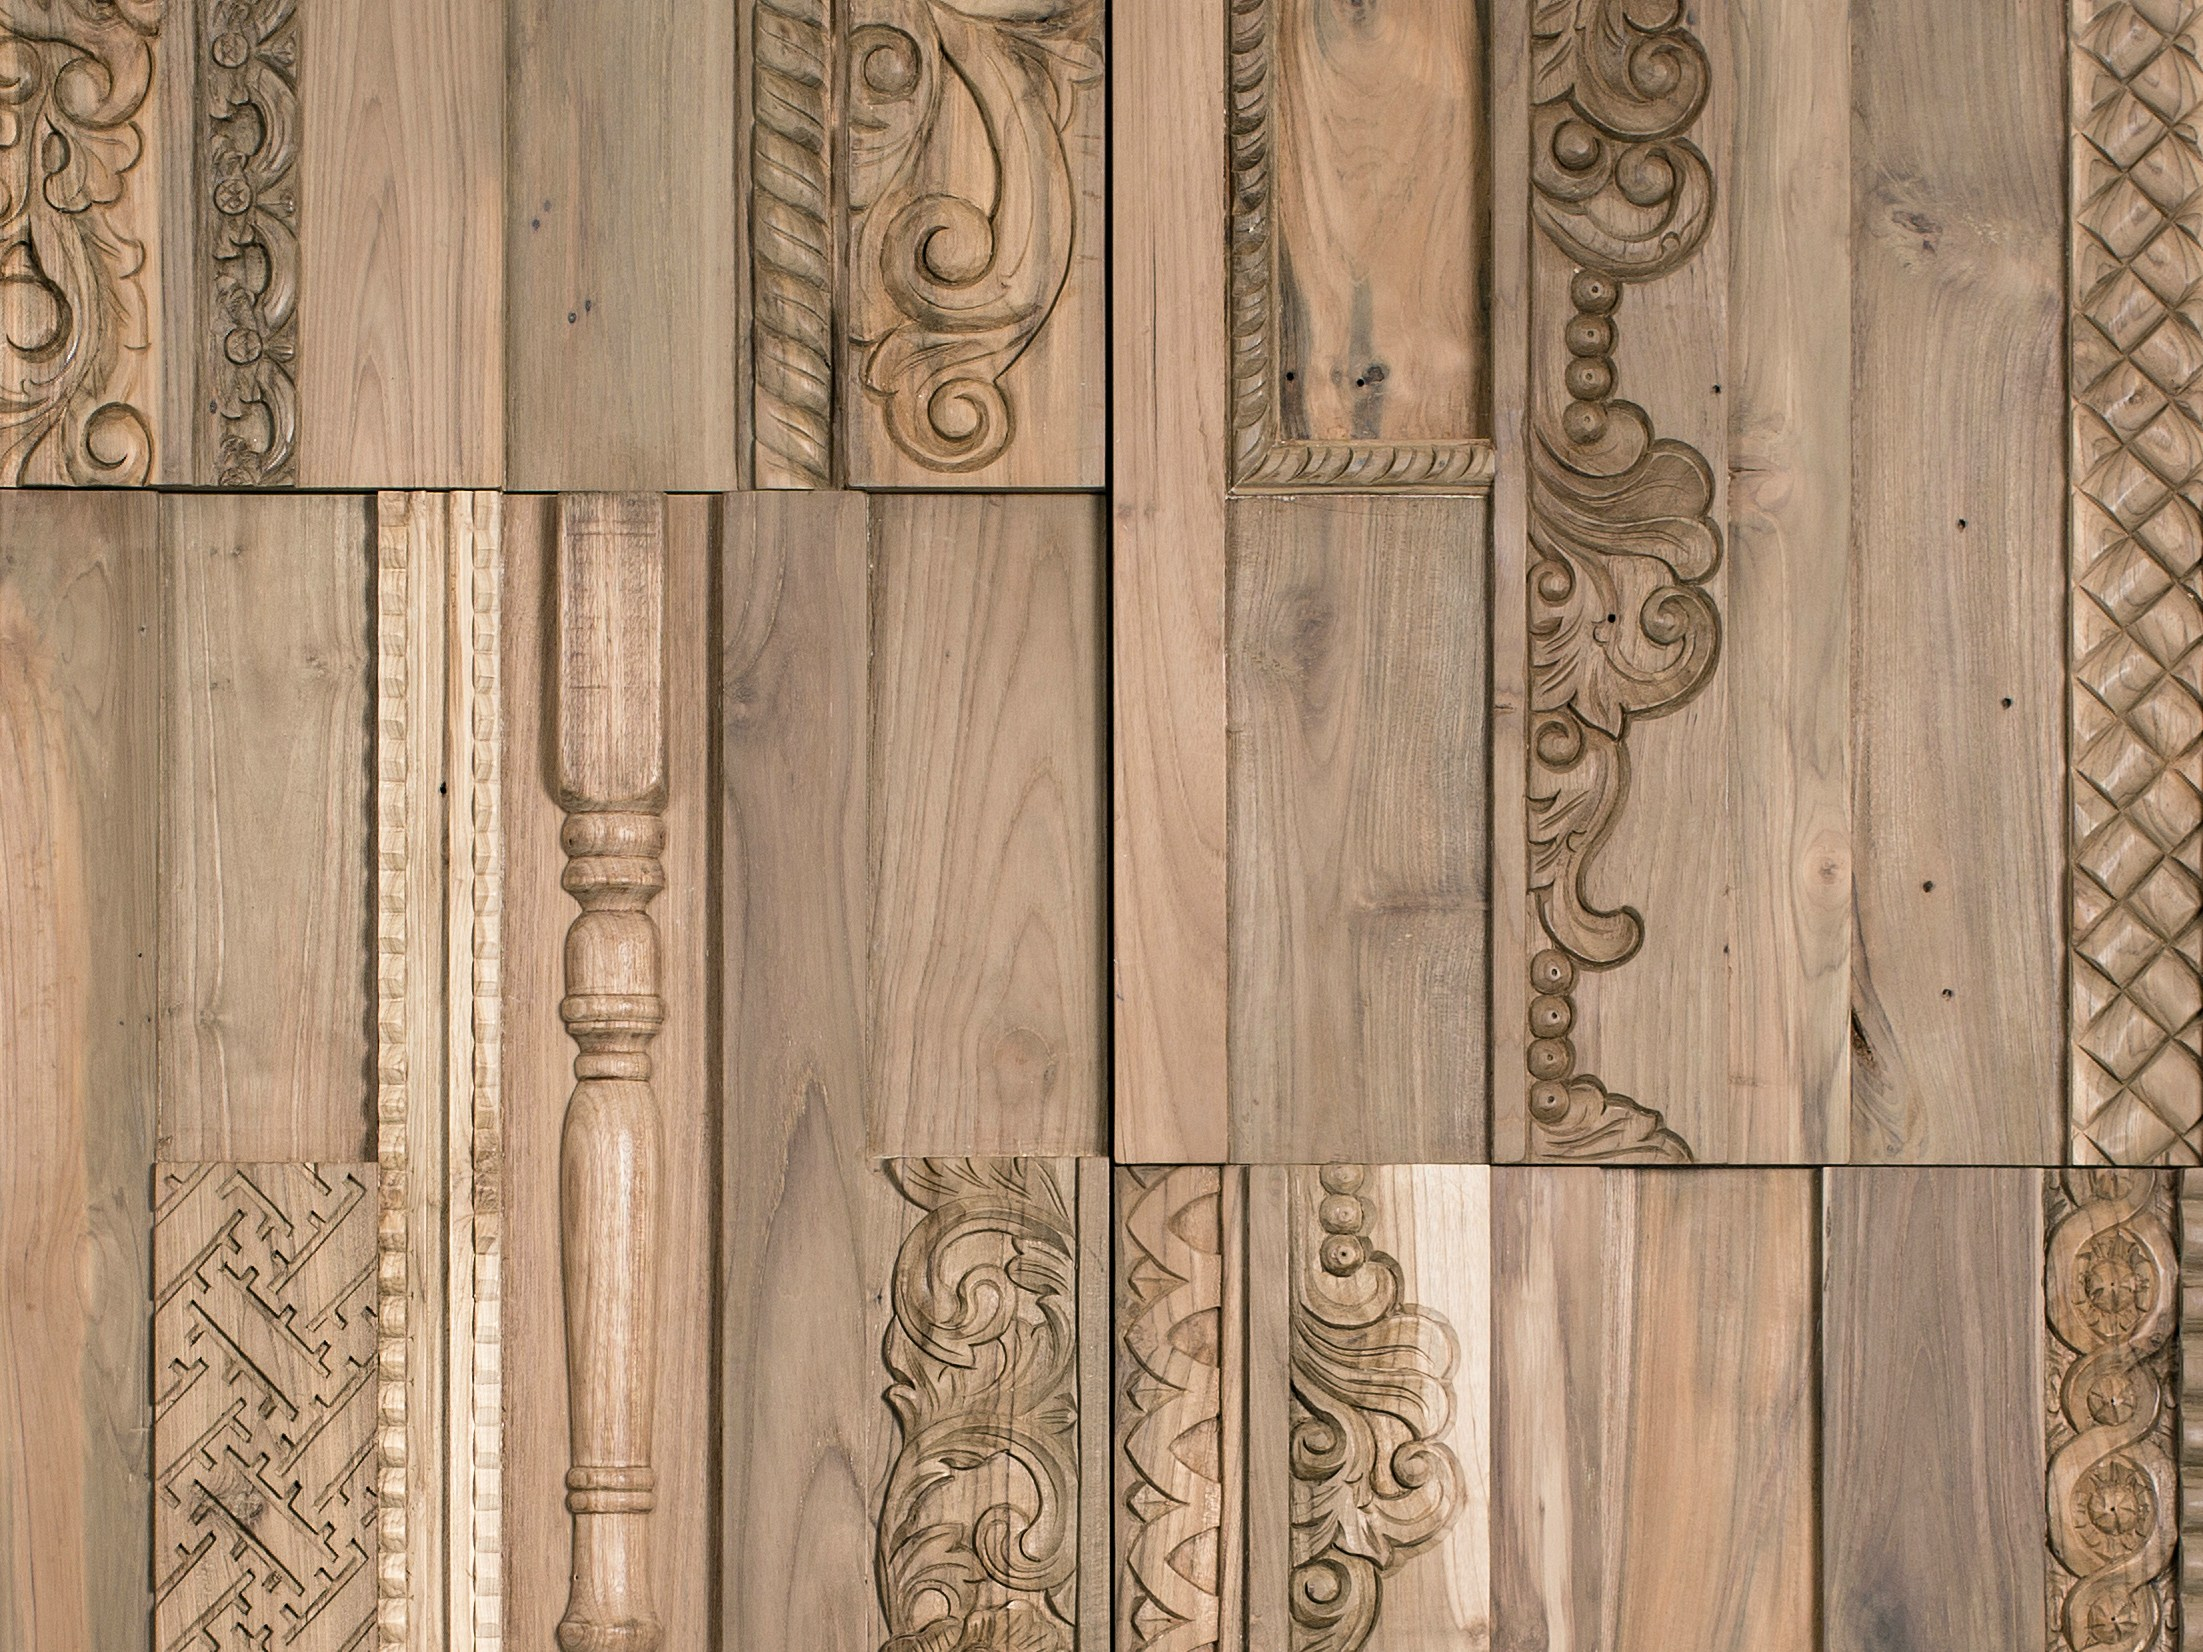 Holz FUr Wandverkleidung Innen